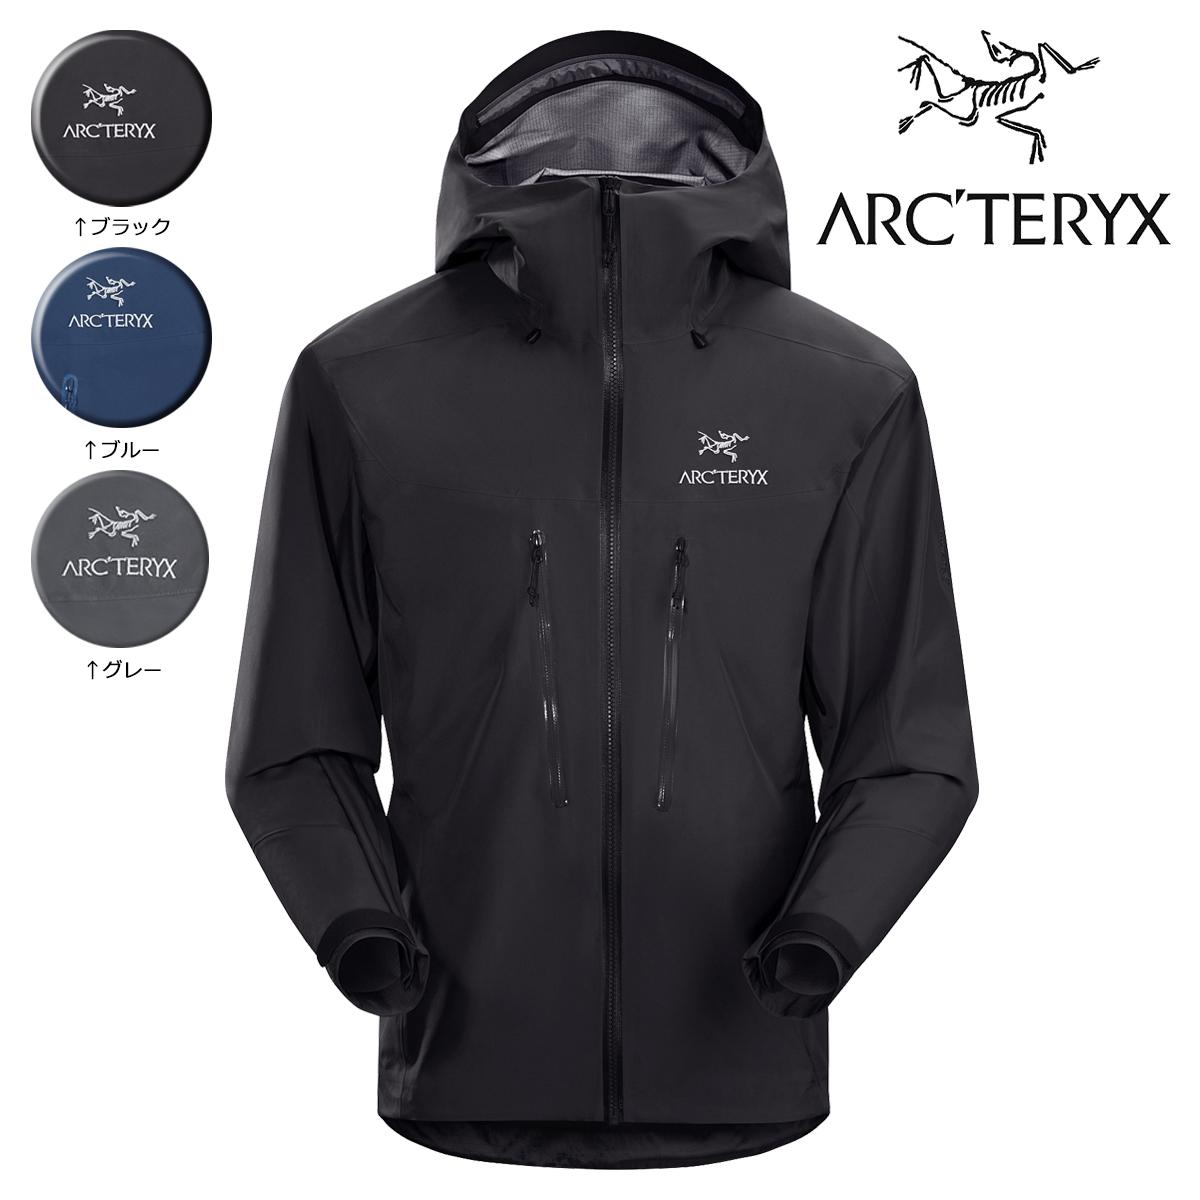 ARC'TERYX ALPHA AR JACKET アークテリクス ジャケット アルファ 18086 メンズ ブラック ブルー グレー